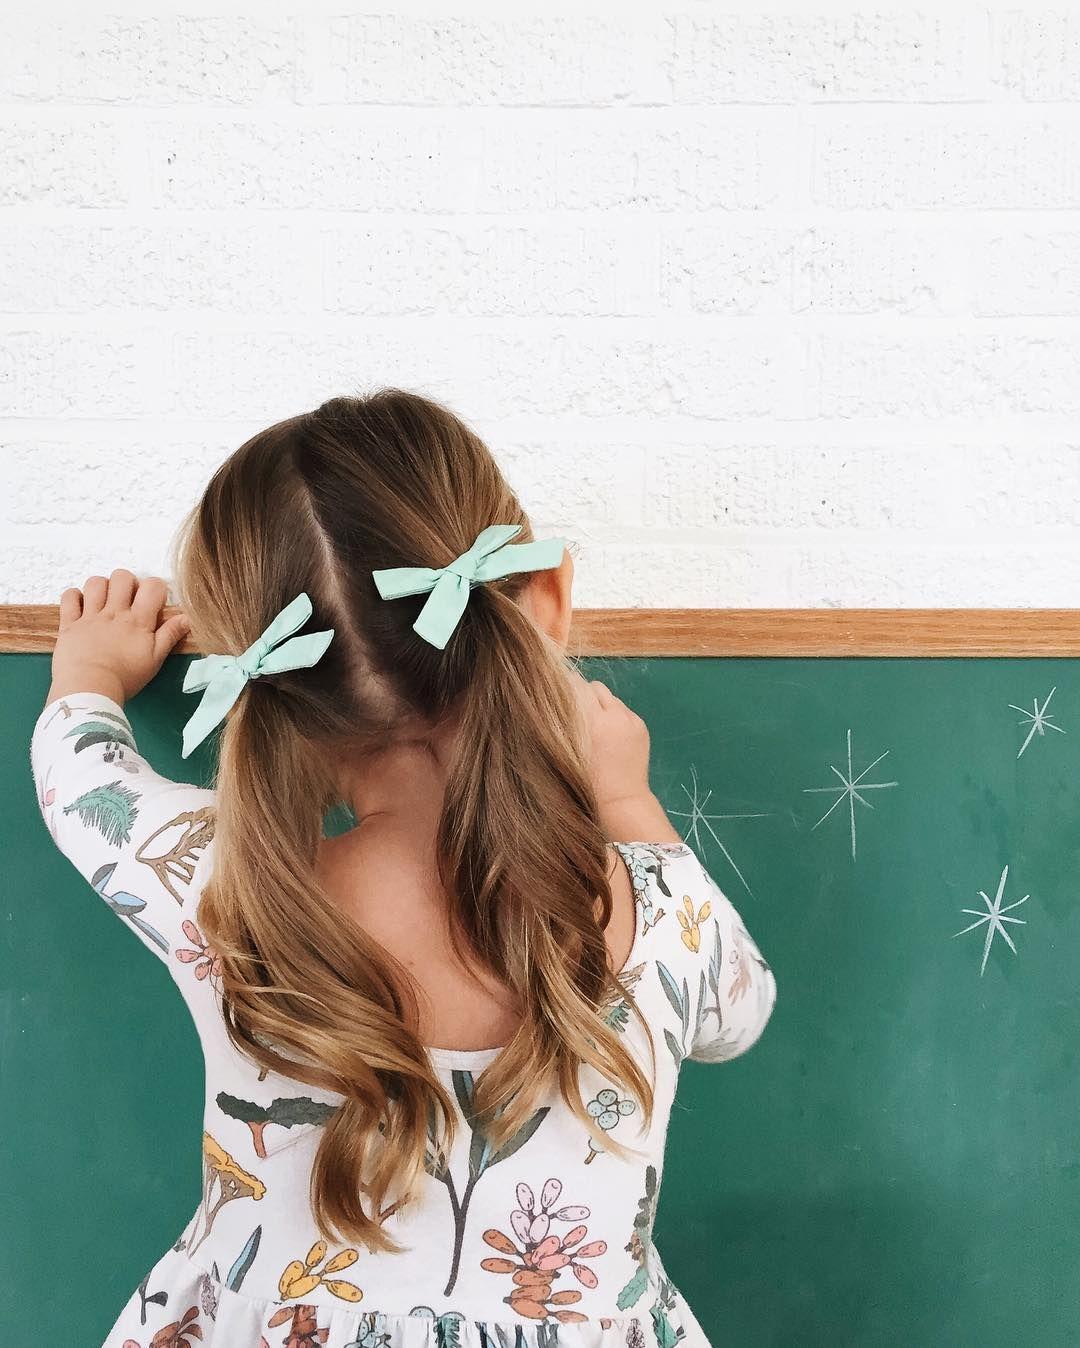 Kiểu buộc tóc hai ngà cho bé gái đẹp nhất